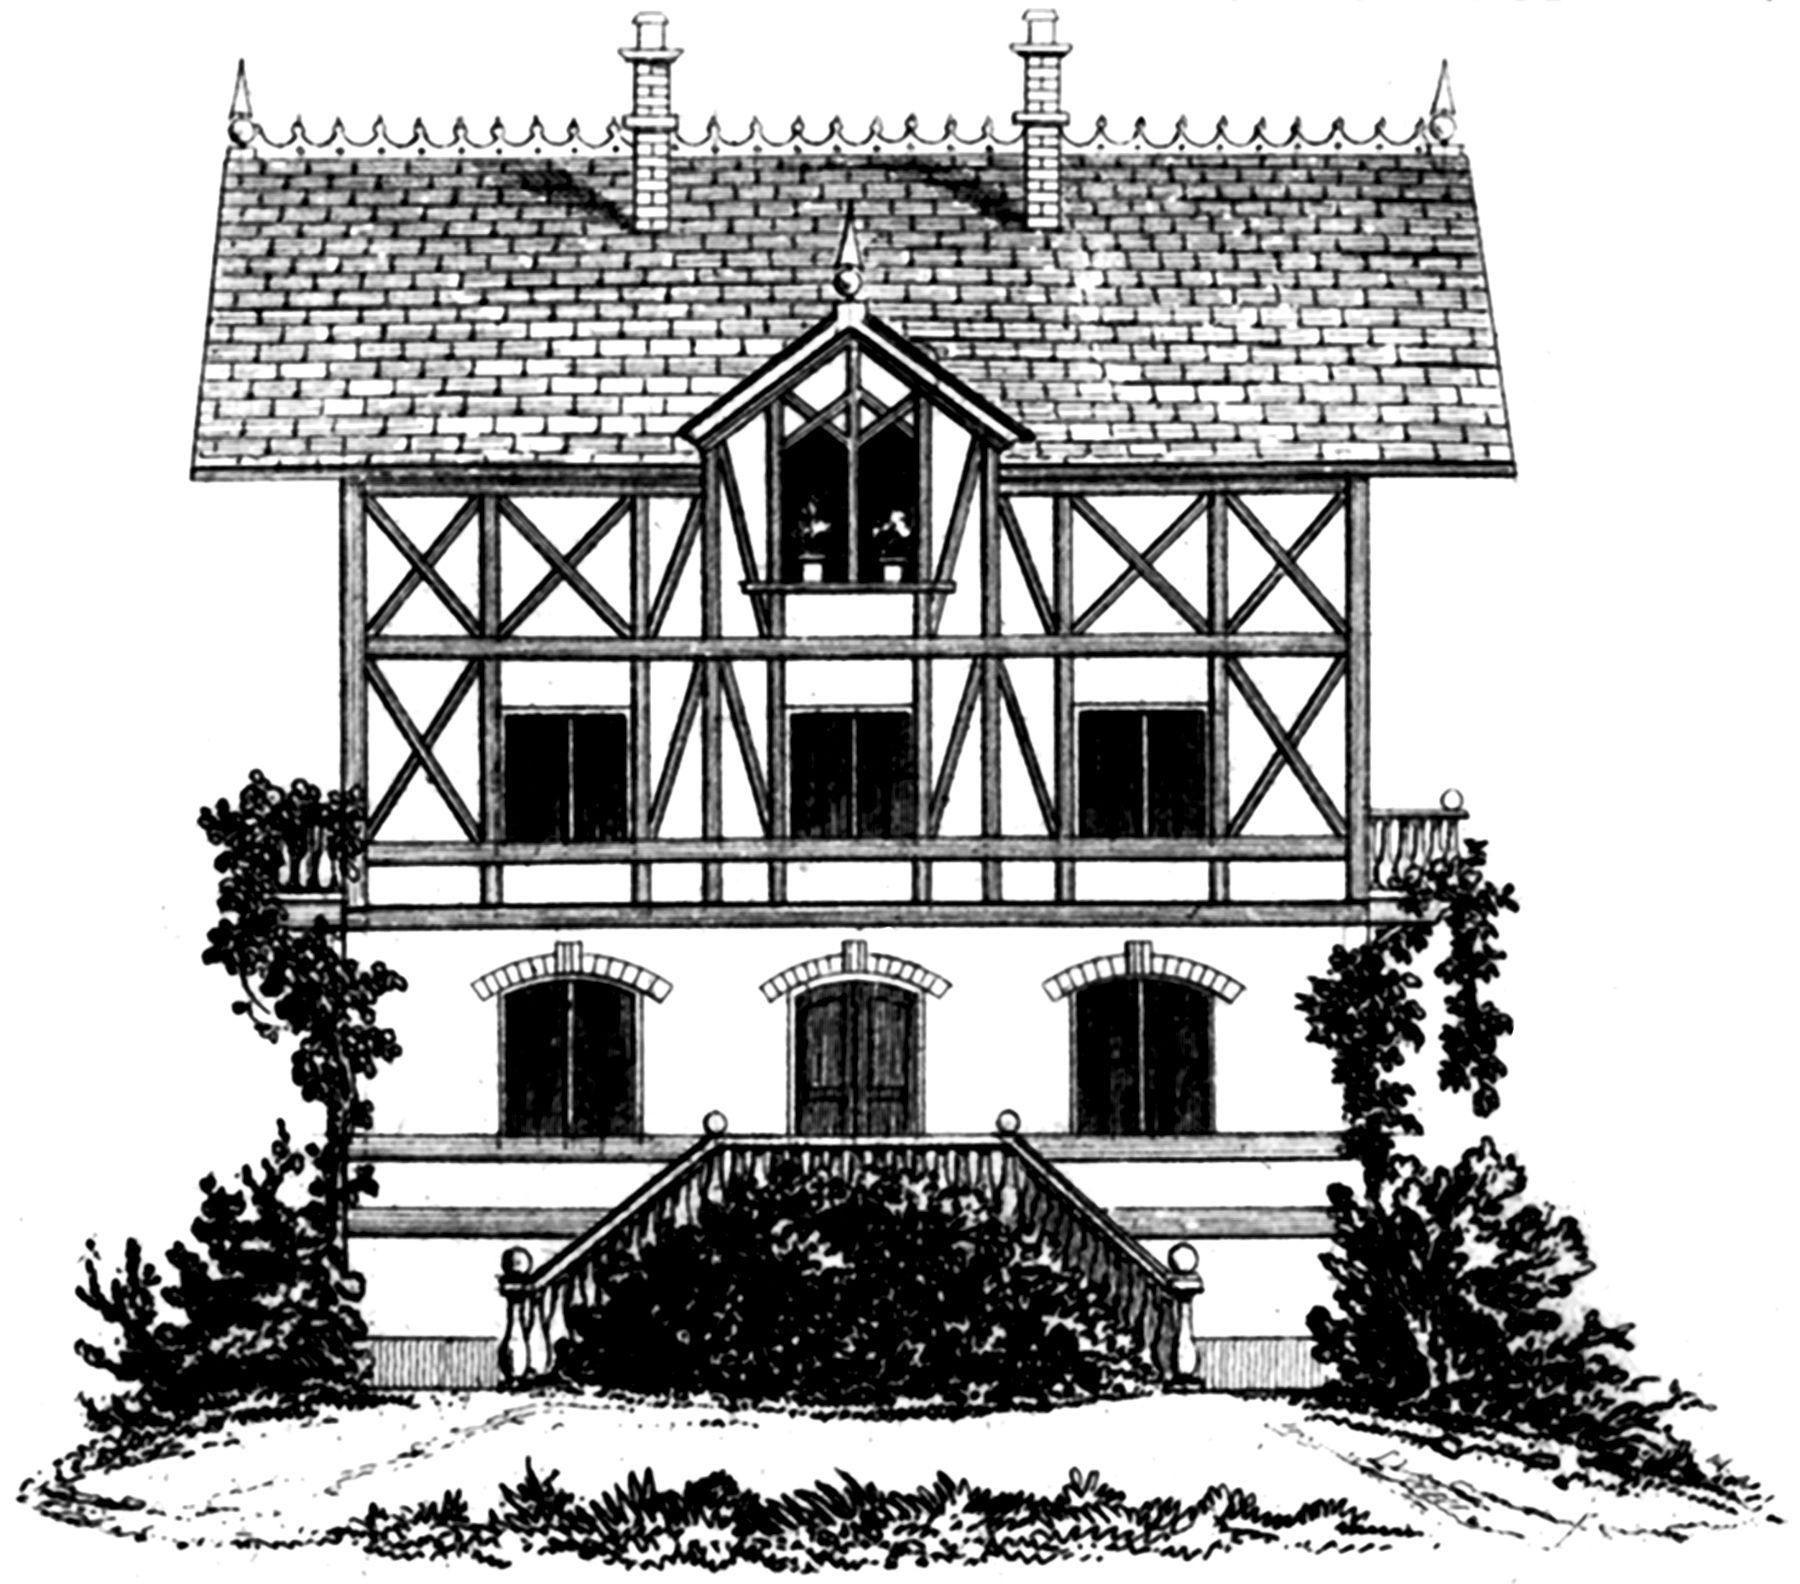 Vintage French Tudor House Image.